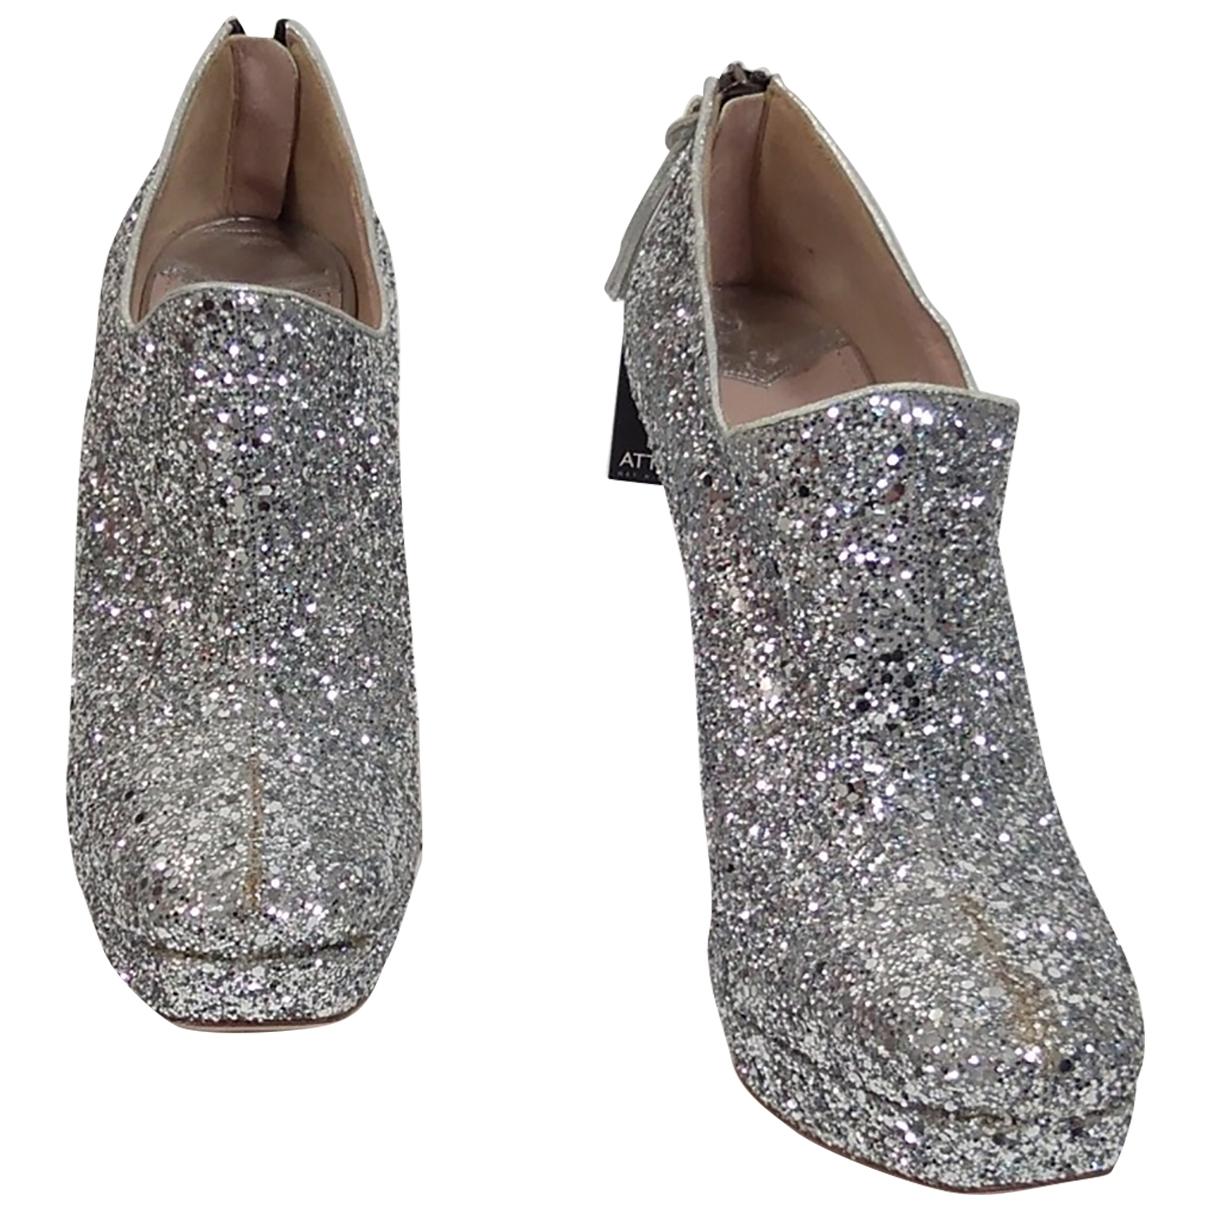 Miu Miu \N Silver Glitter Ankle boots for Women 39.5 EU